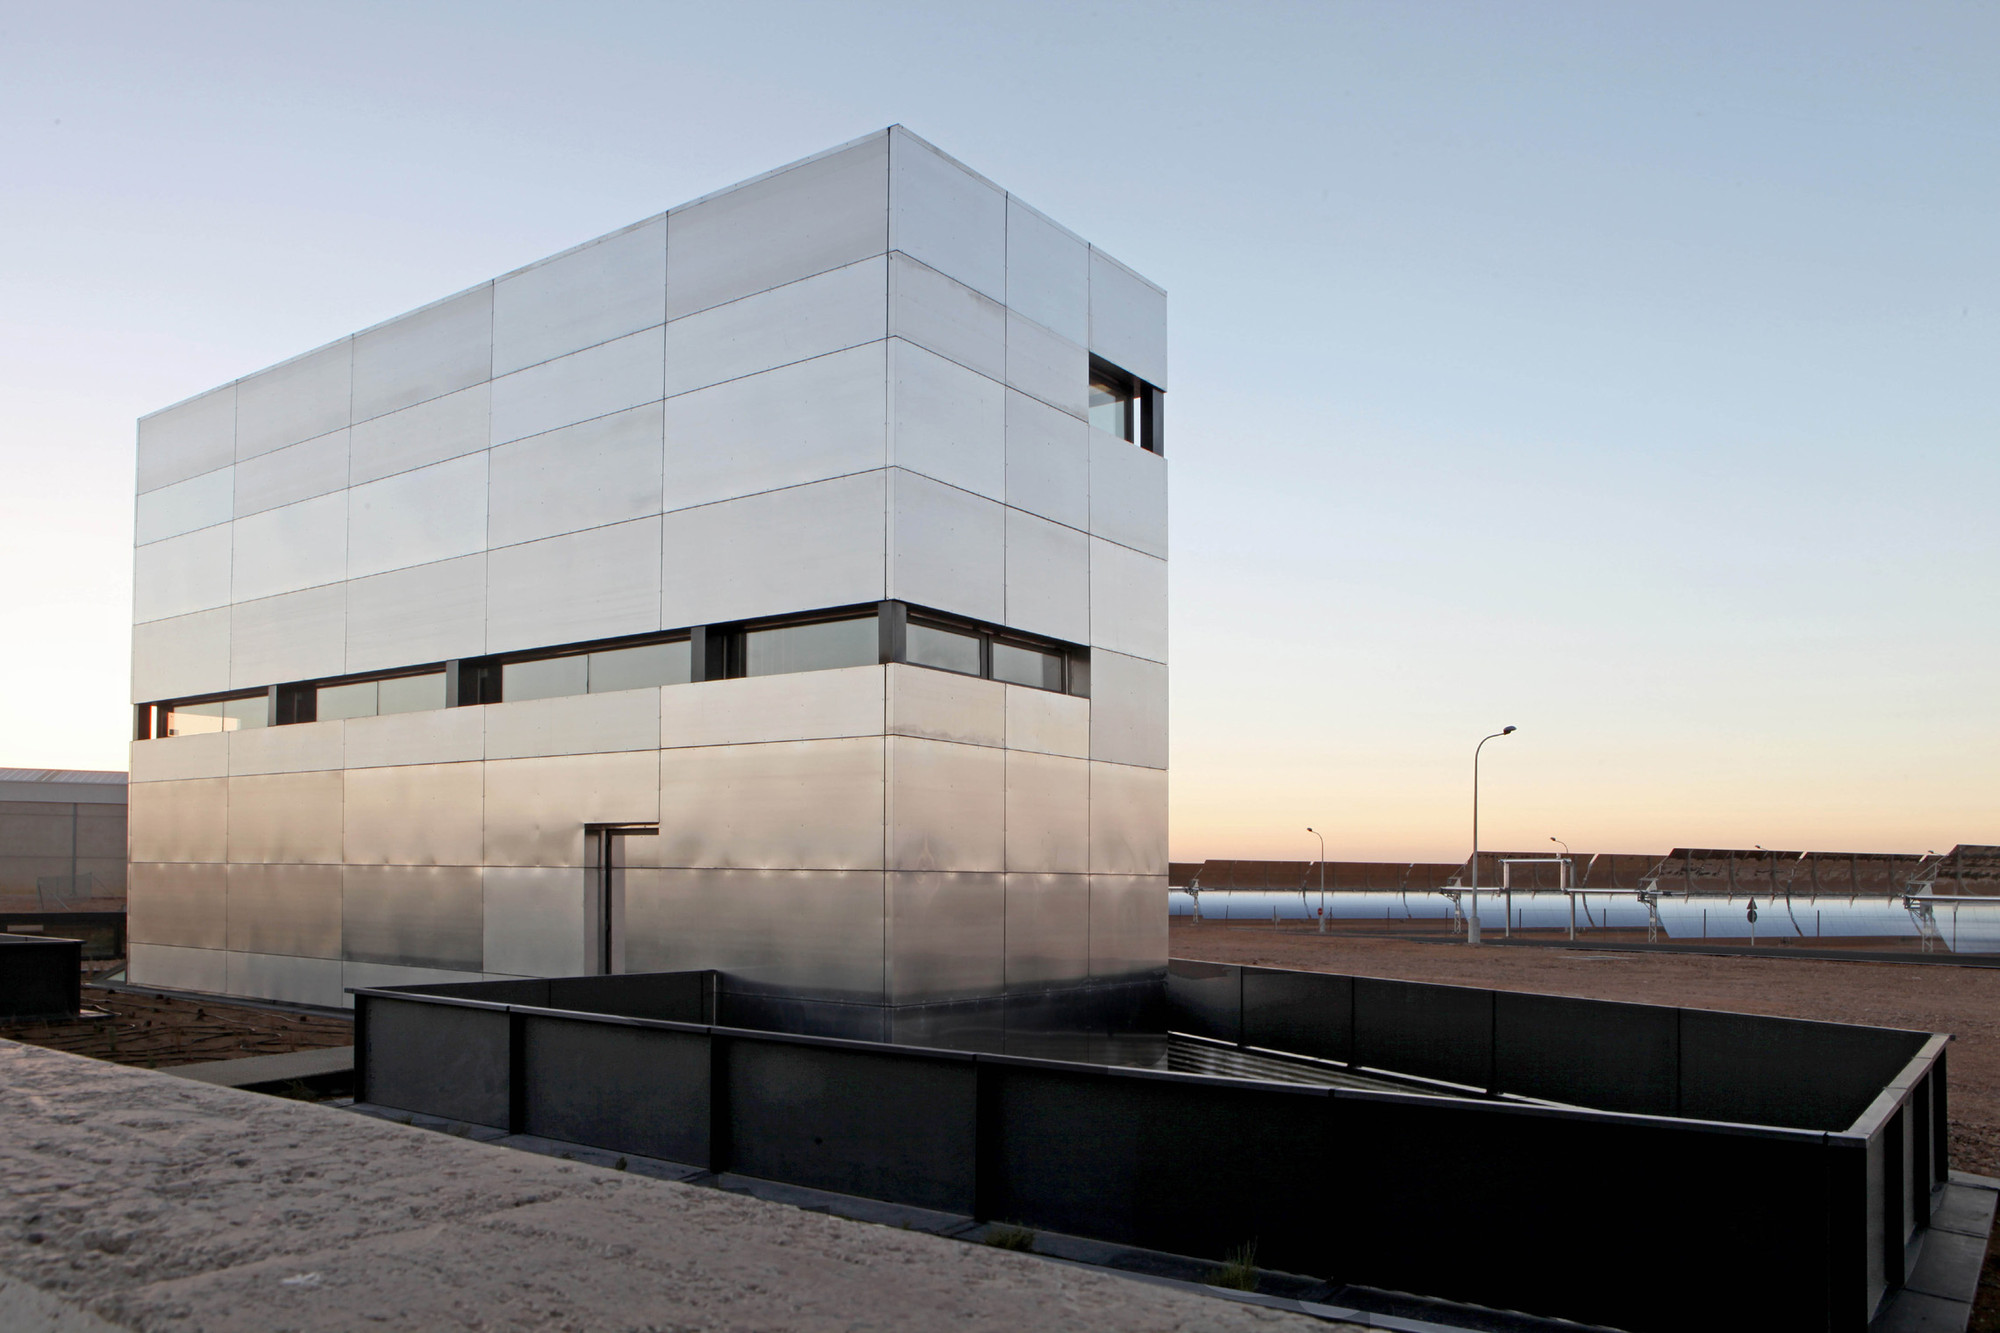 Multi-Purpose Building For Central Termosolar Astexol-2 / Sáenz De Oiza Arquitectos, © Carlos Arriaga